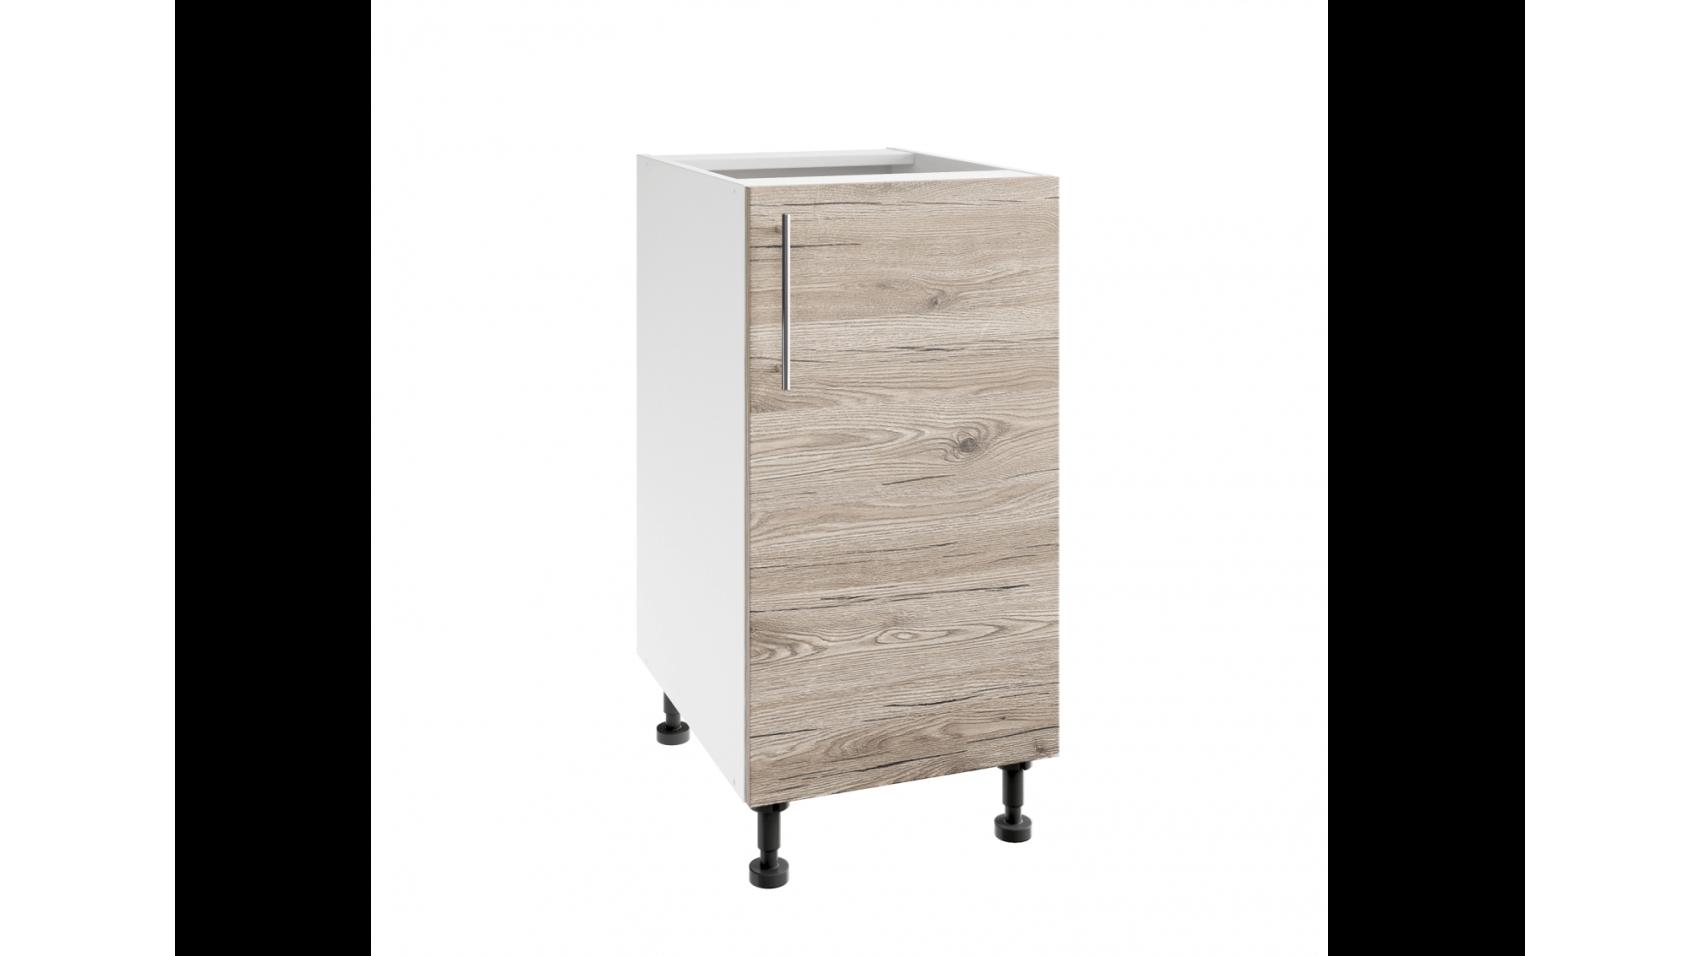 Kuchenne szafki dolne Luna San Remo | sklep internetowy Lupus ECO